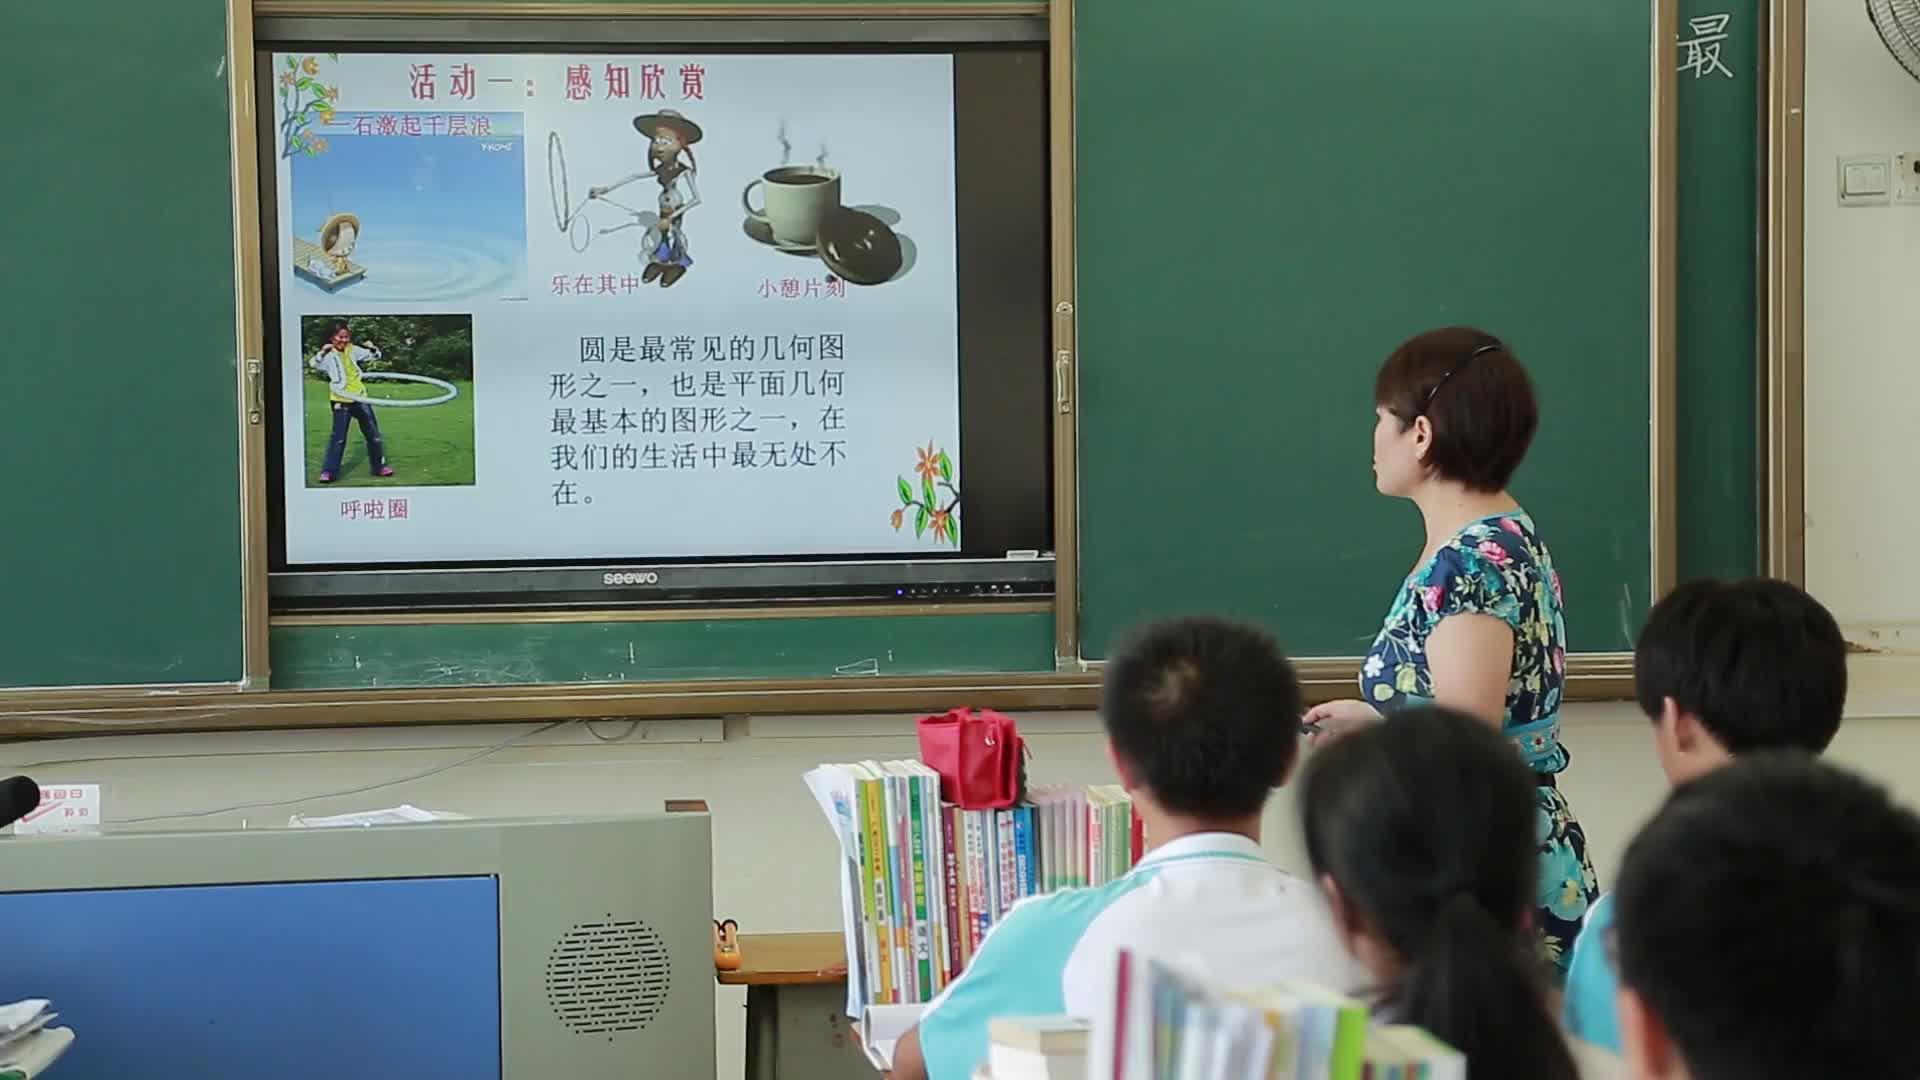 【公开课】人教版九年级数学上册 24.1.1 圆(课堂实录)